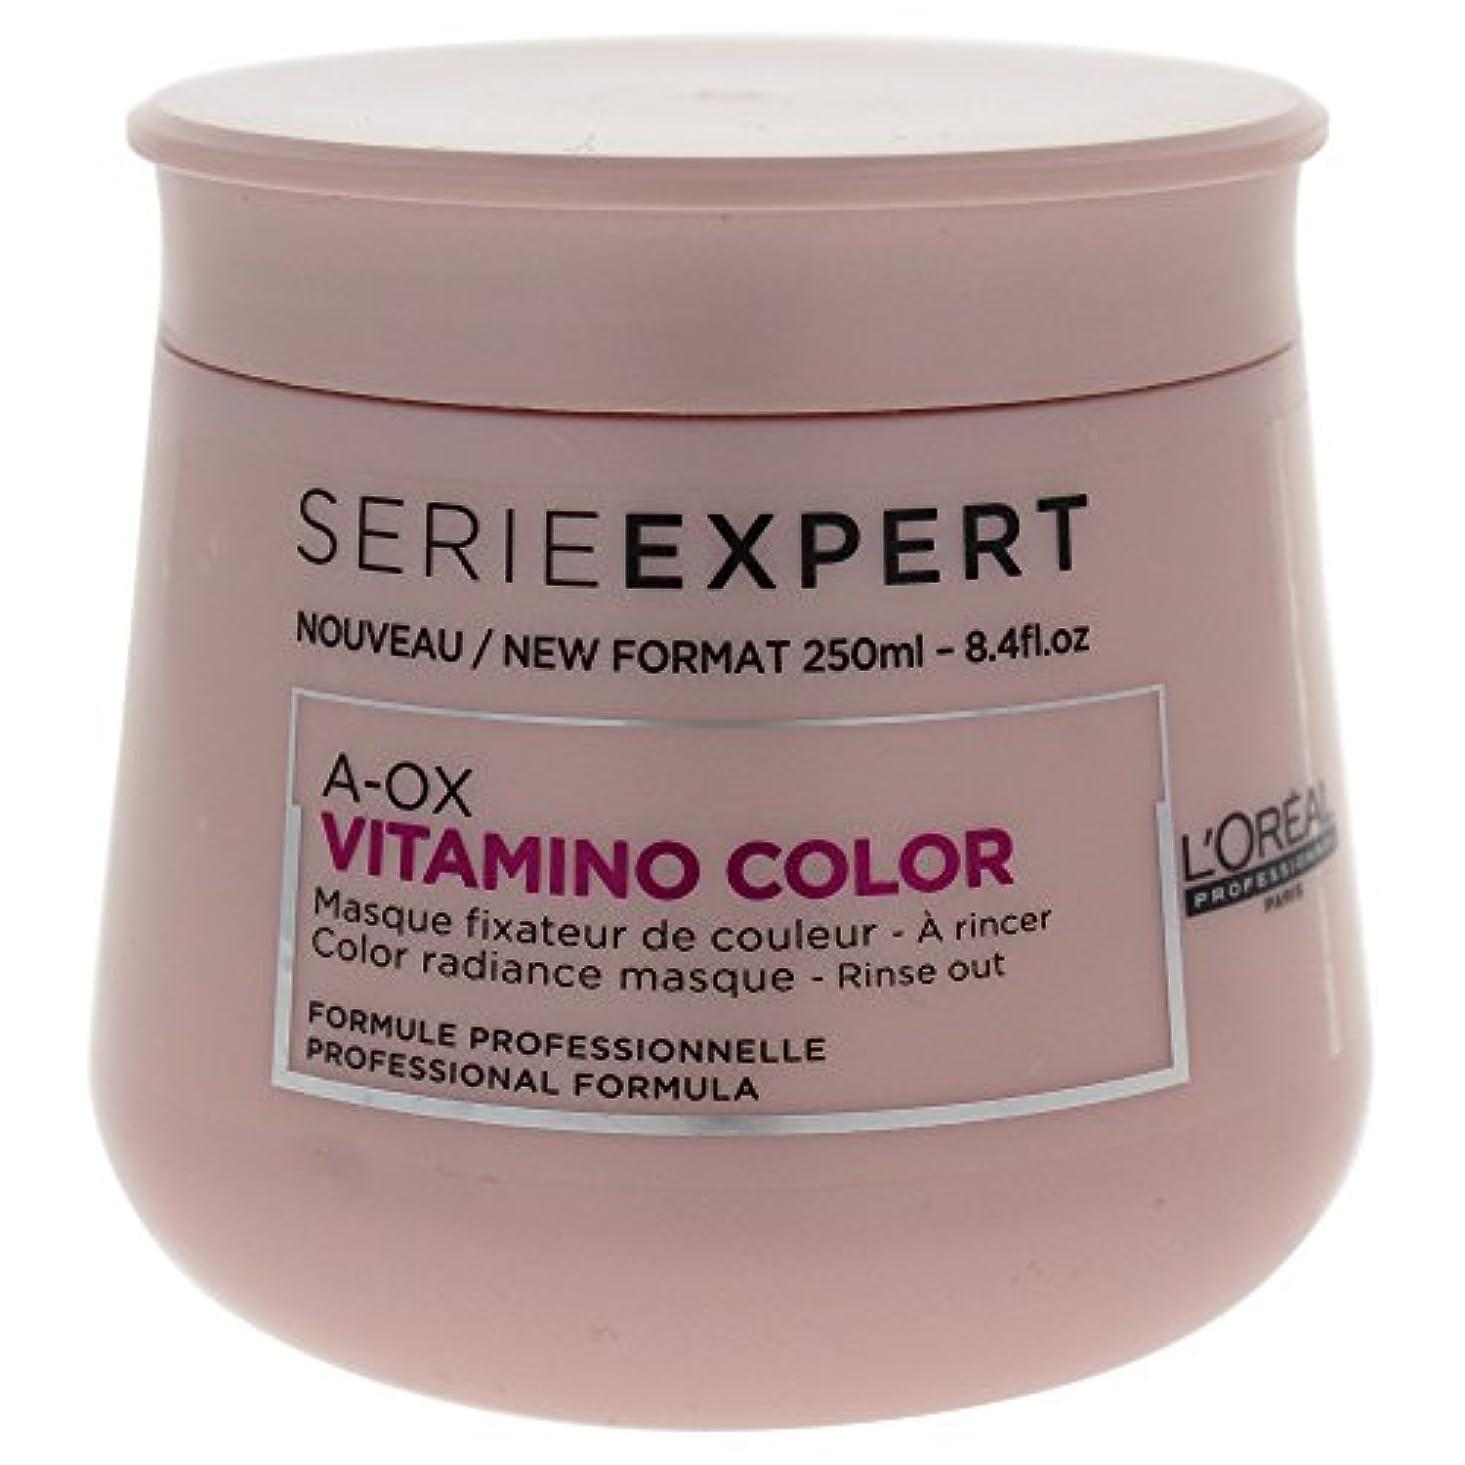 スーダン殺人殺人者L'Oreal Serie Expert A-OX VITAMINO COLOR Color Radiance Masque 250 ml [並行輸入品]